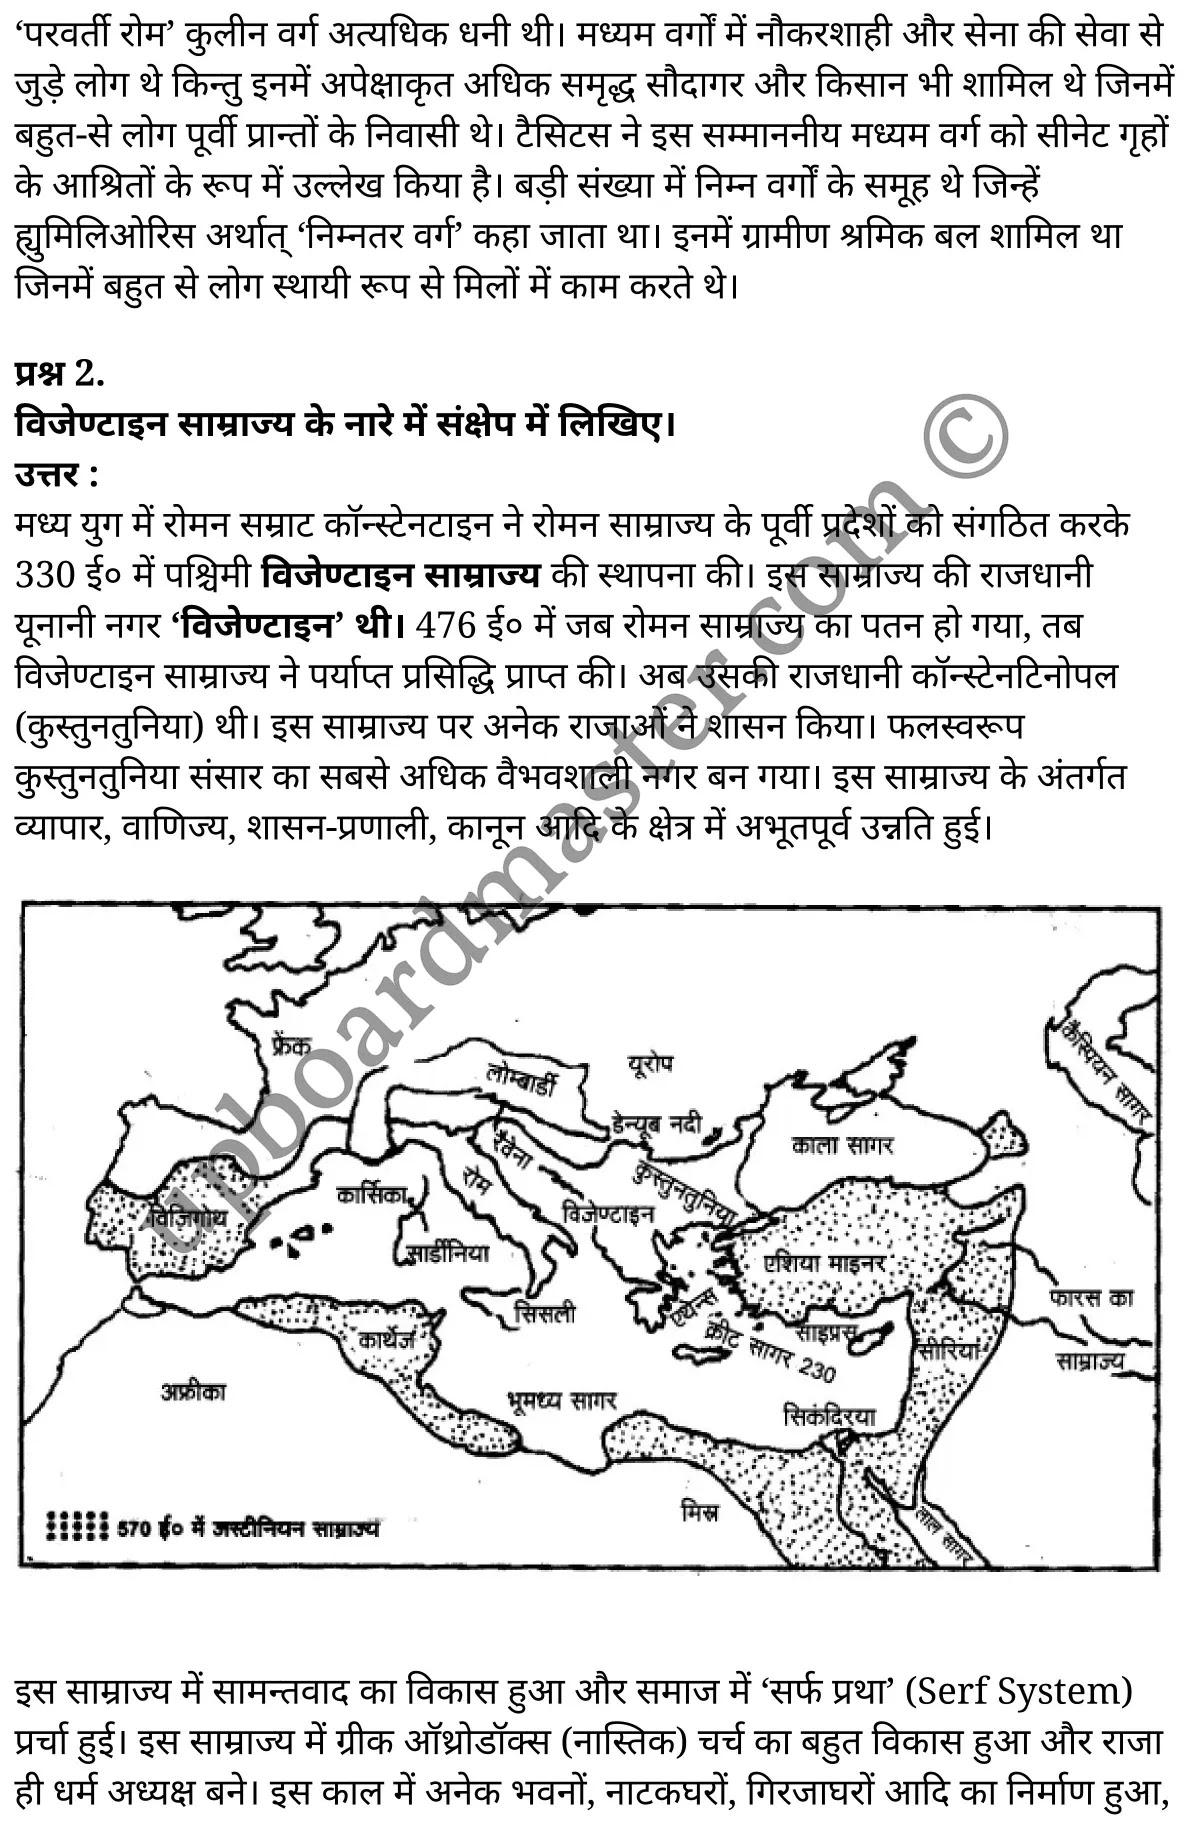 """एनसीईआरटी समाधान """"कक्षा 11 इतिहास"""" अध्याय 3 An Empire Across Three Continents (तीन महाद्वीपों में फैला हुआ साम्राज्य) हिंदी में"""